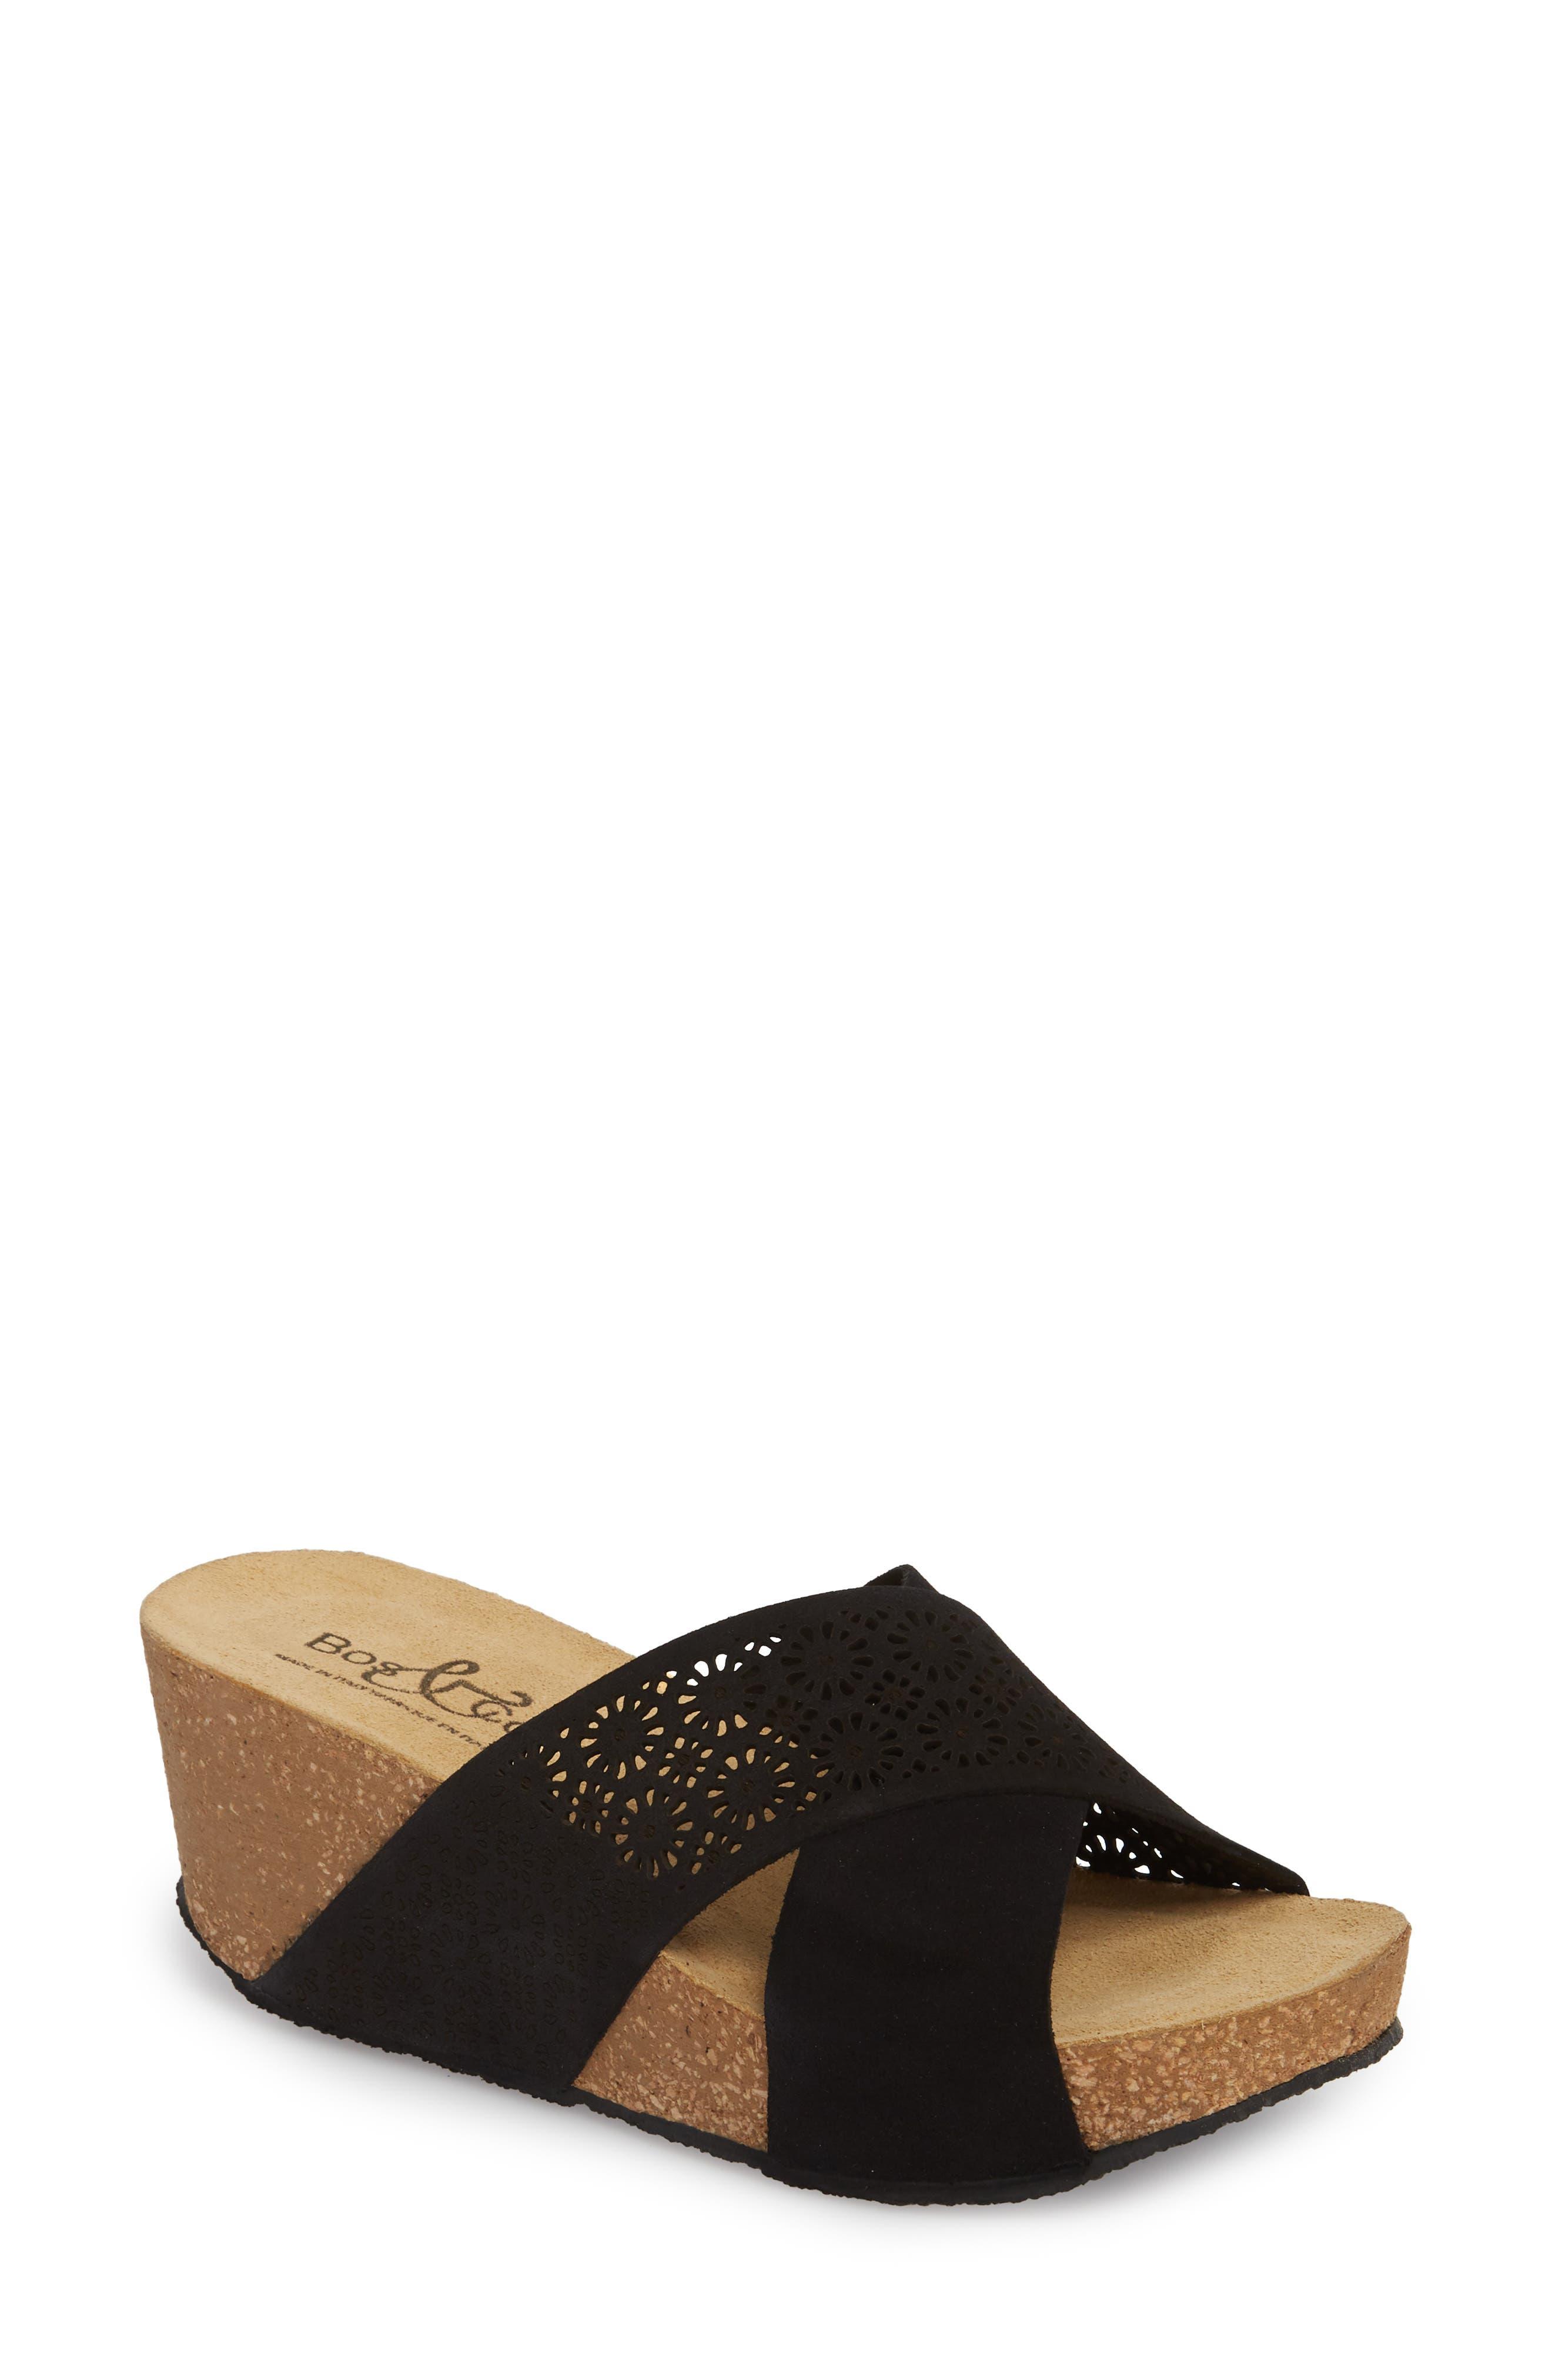 BOS. & CO. Lomi Platform Wedge Slide Sandal, Main, color, BLACK SUEDE